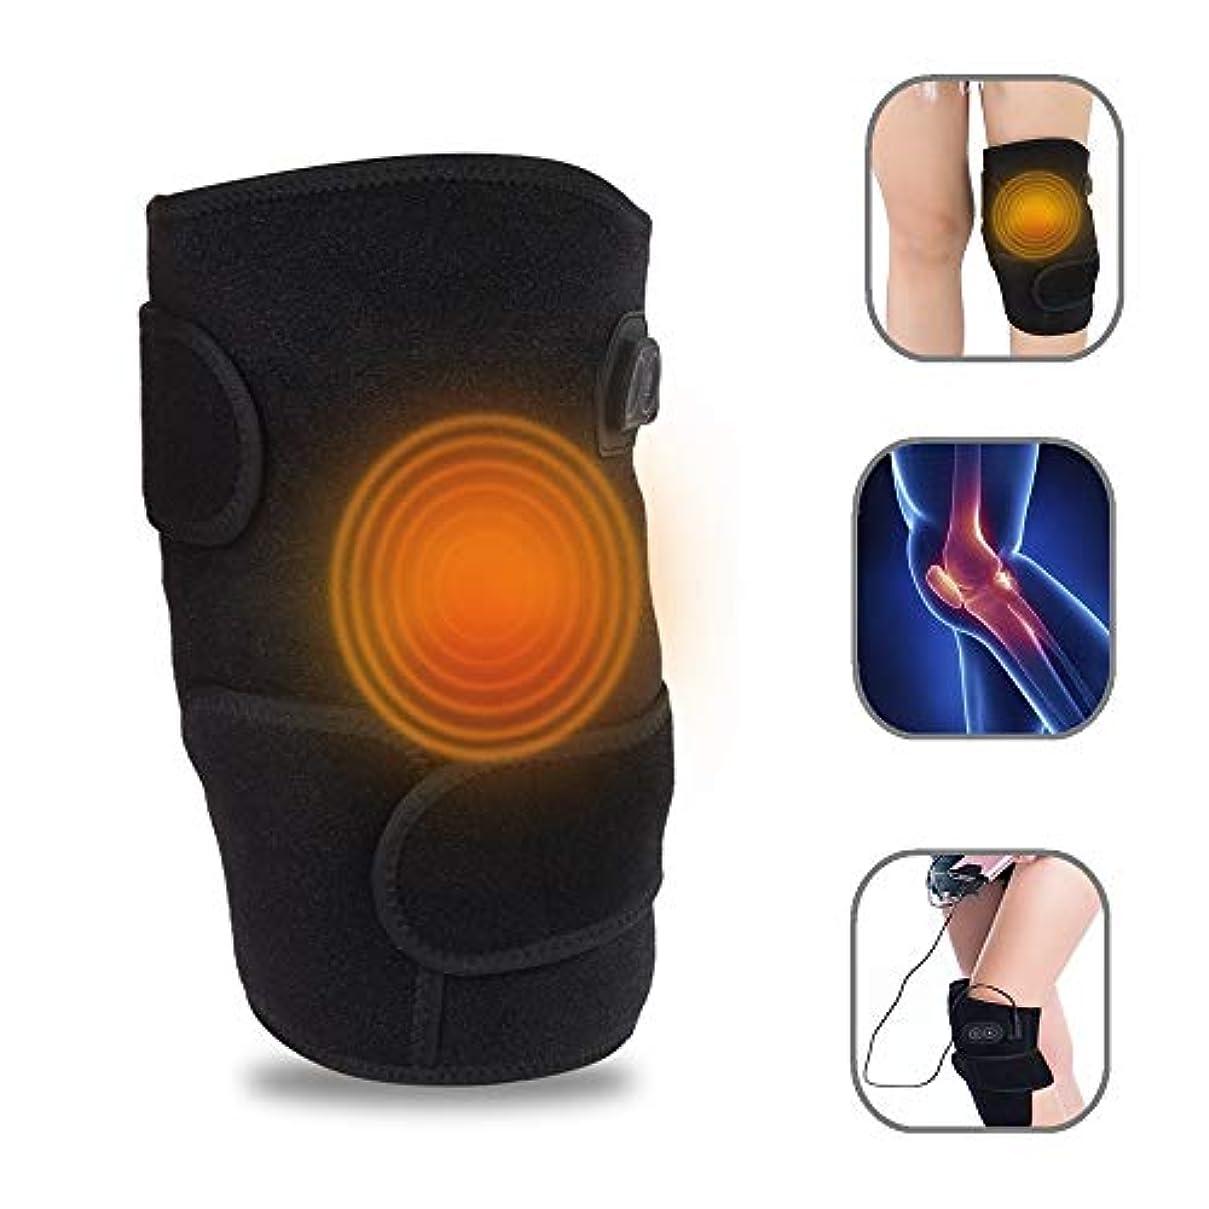 アレキサンダーグラハムベル心理的イディオムマッサージ 膝の理学療法装置、膝の振動、膝の痛みを和らげる 電熱療法、 冬の暖かさ リウマチ